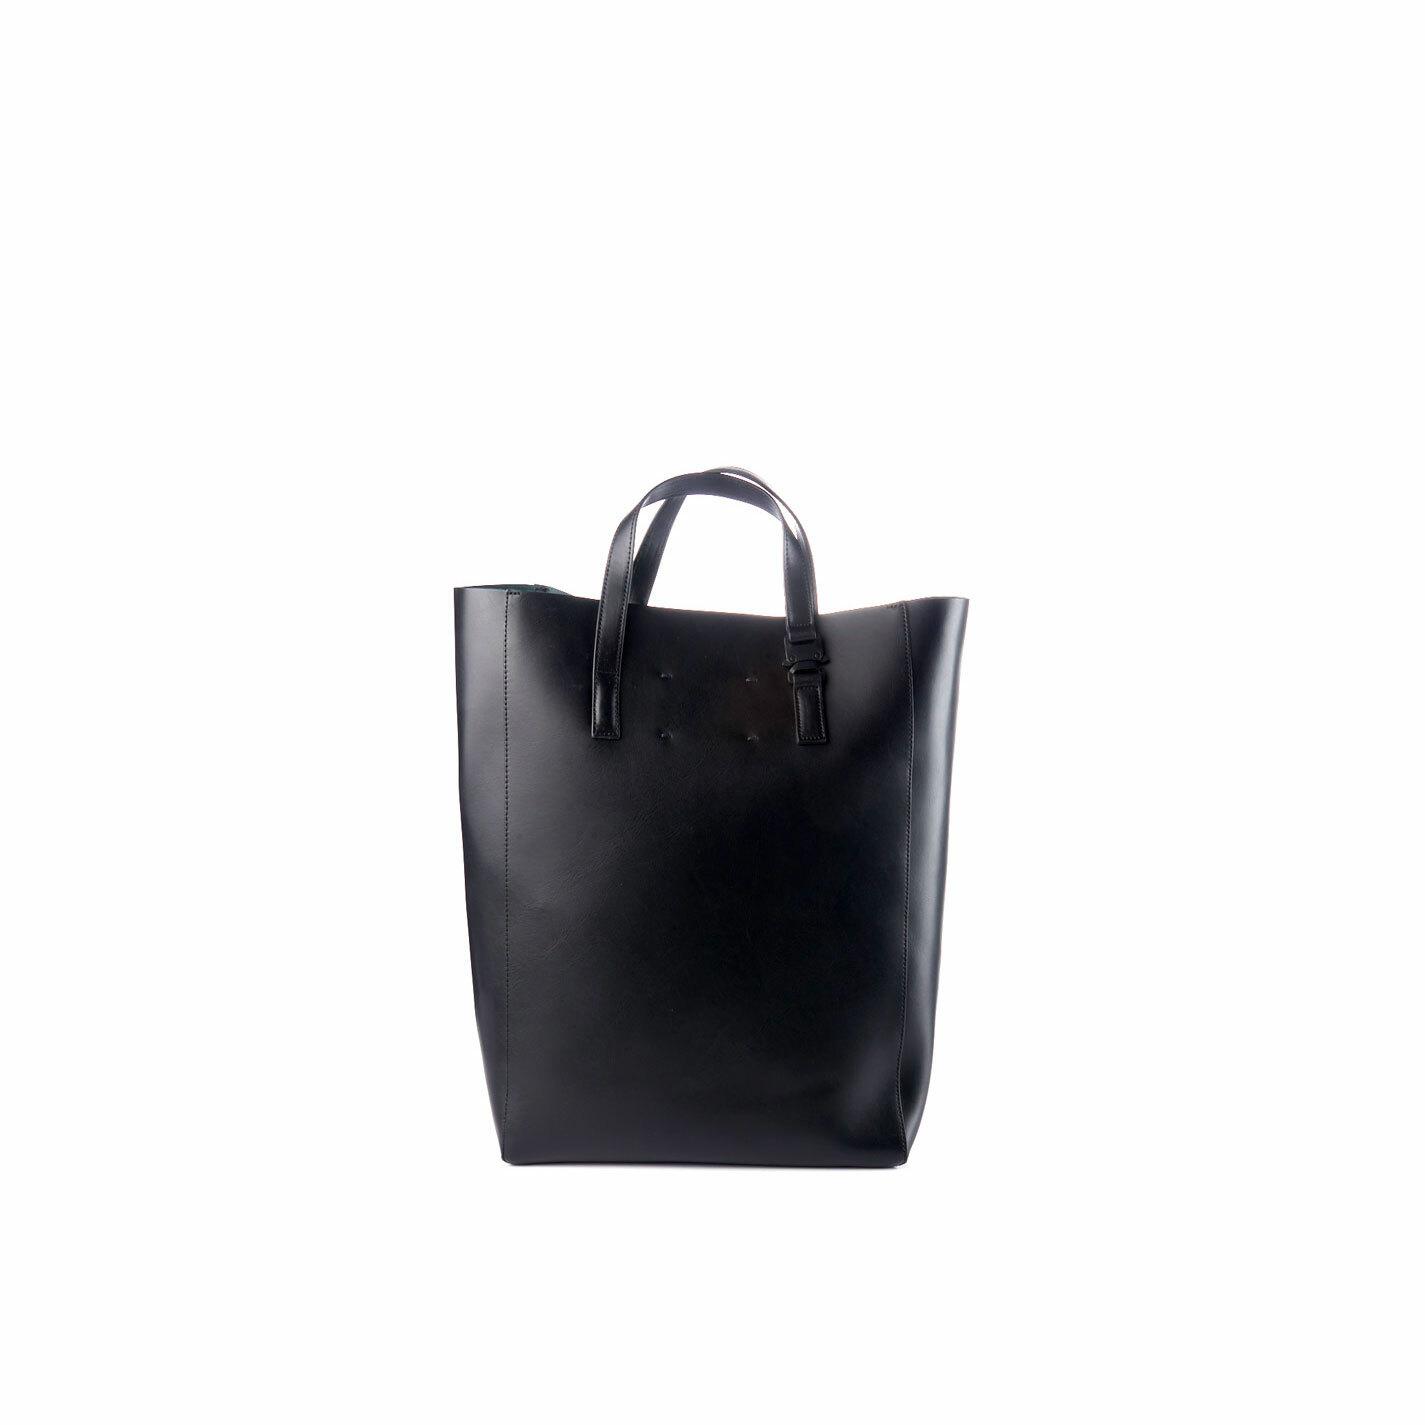 Olivia<br> Large black shopper bag